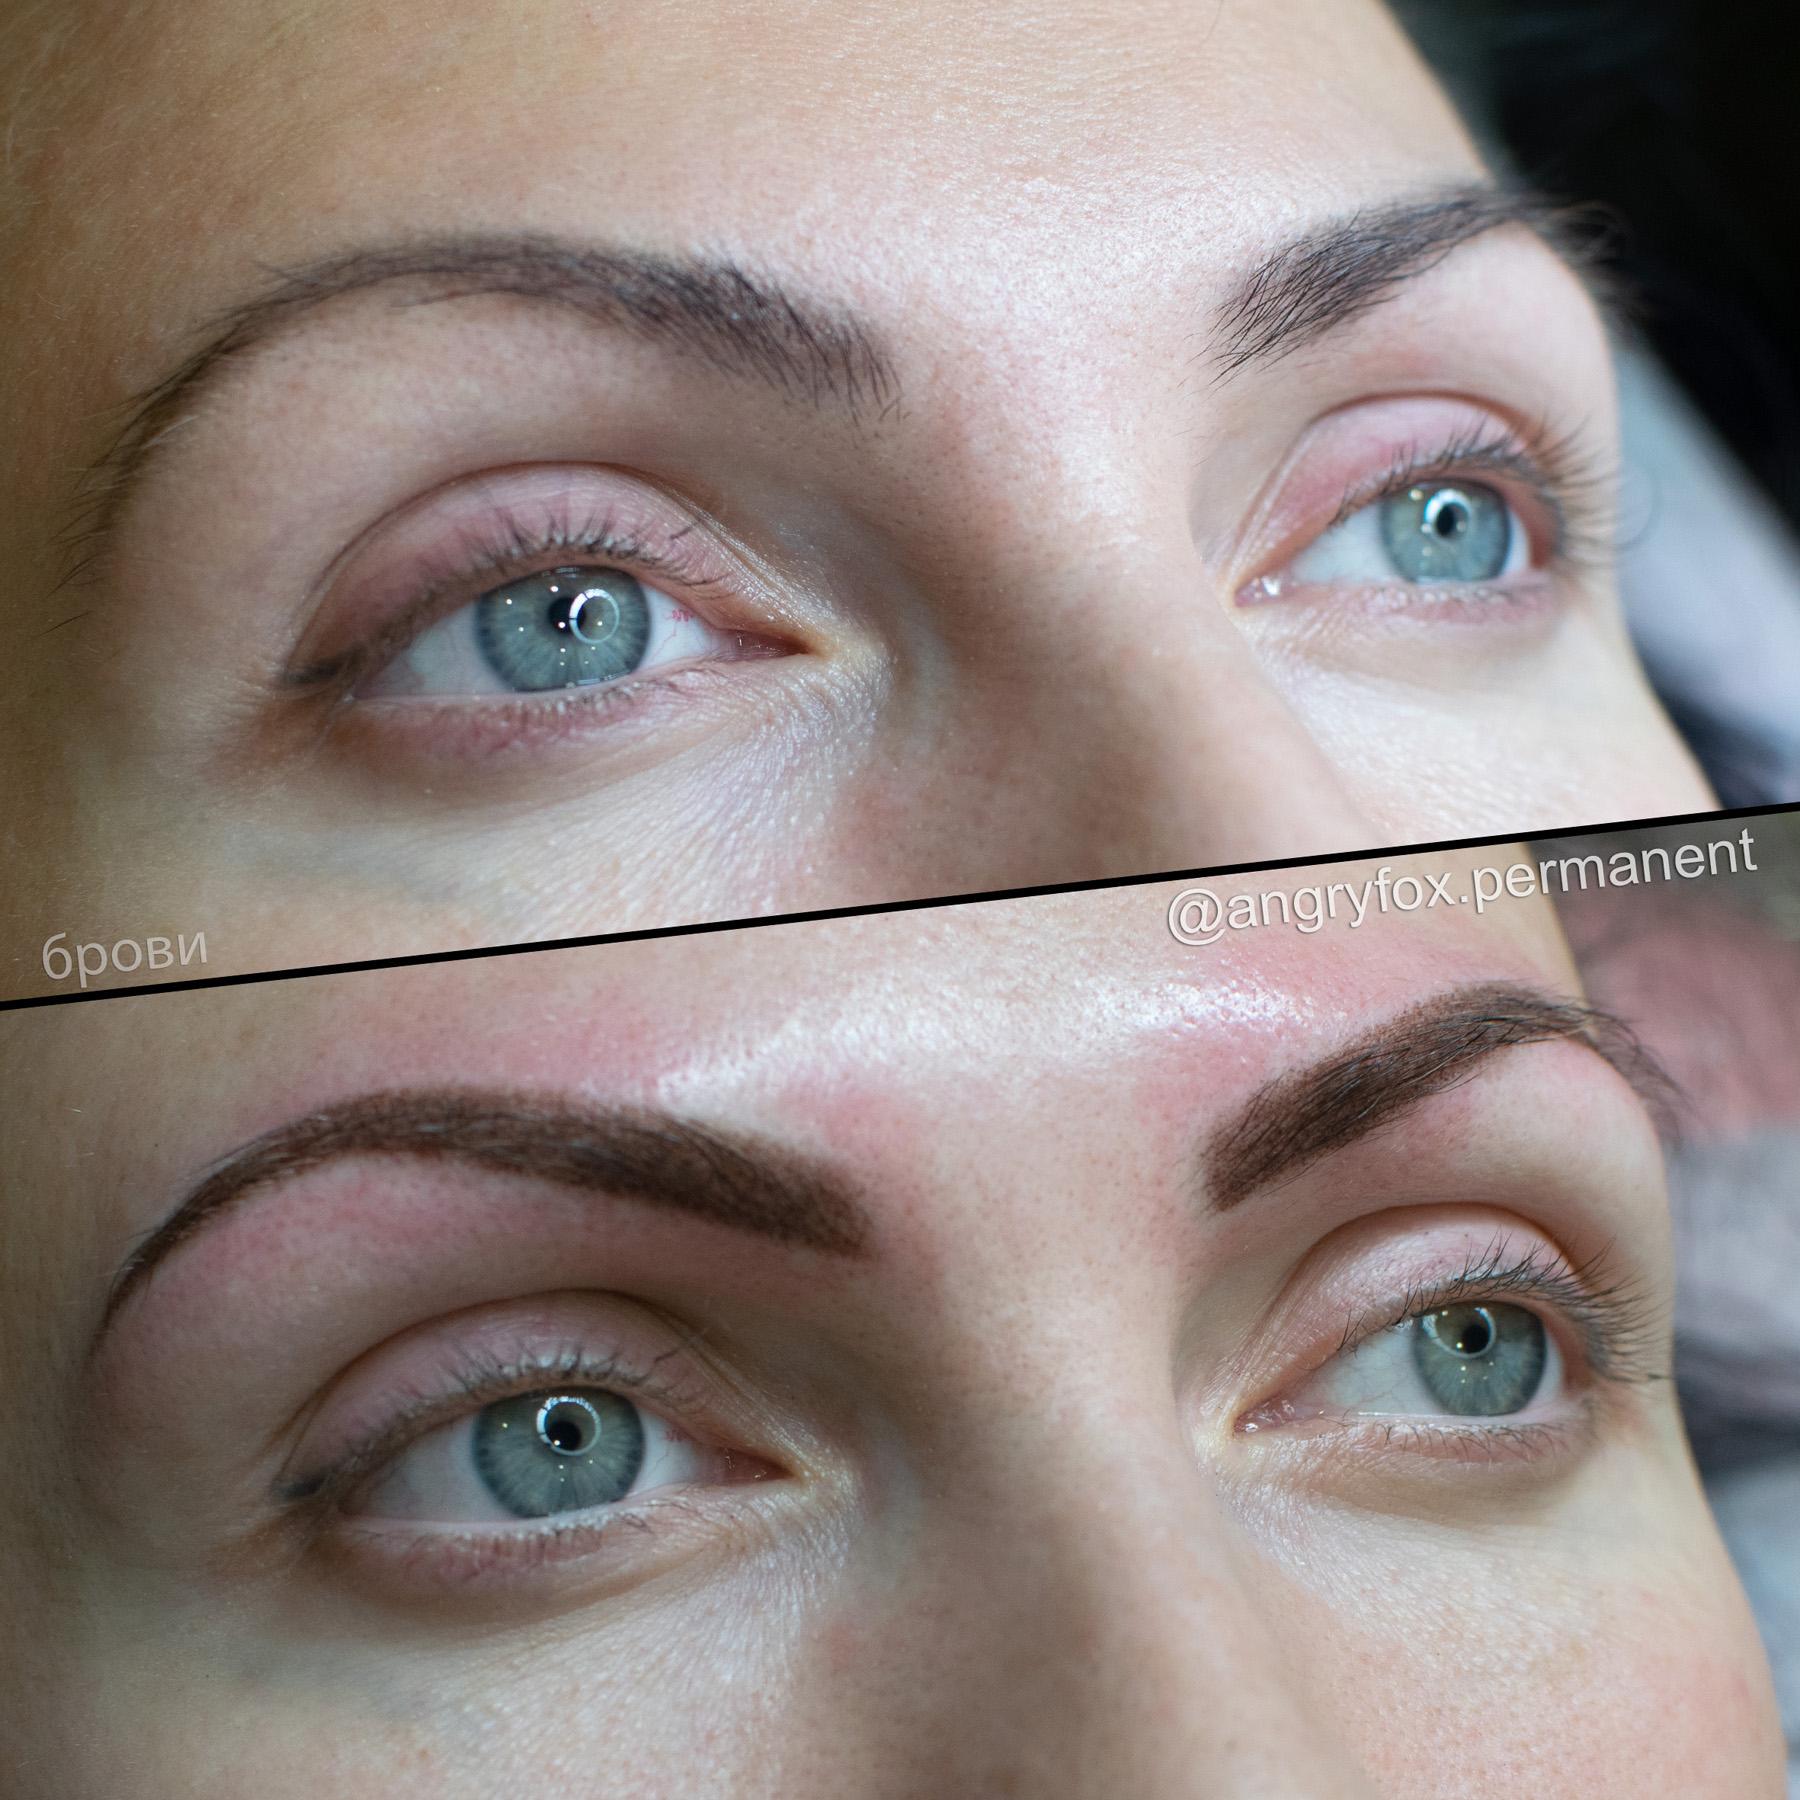 перманентный макияж, перманент, перманент бровей, татуаж бровей, брови, коррекция бровей, архитектура бровей